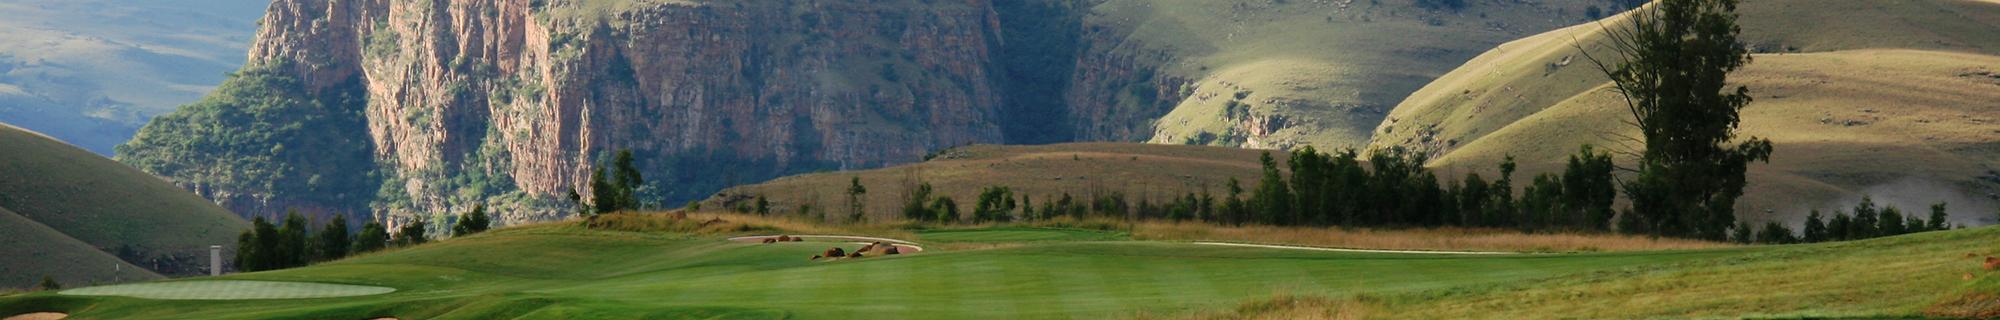 Highland Gate Golf Resort